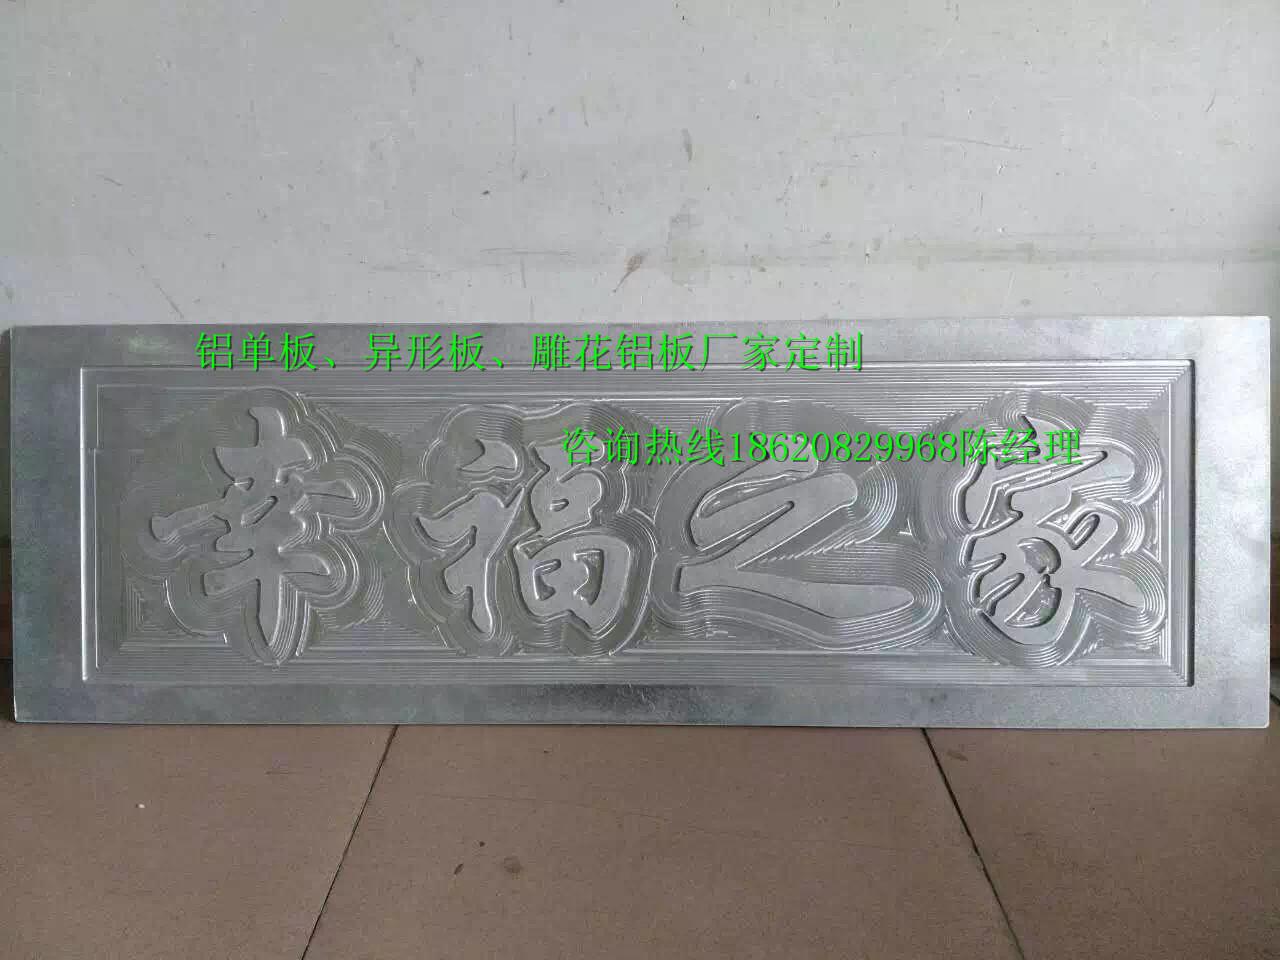 商场门头铝单板价格 -雕刻字体铝单板样板图-专业铝单板生产厂家